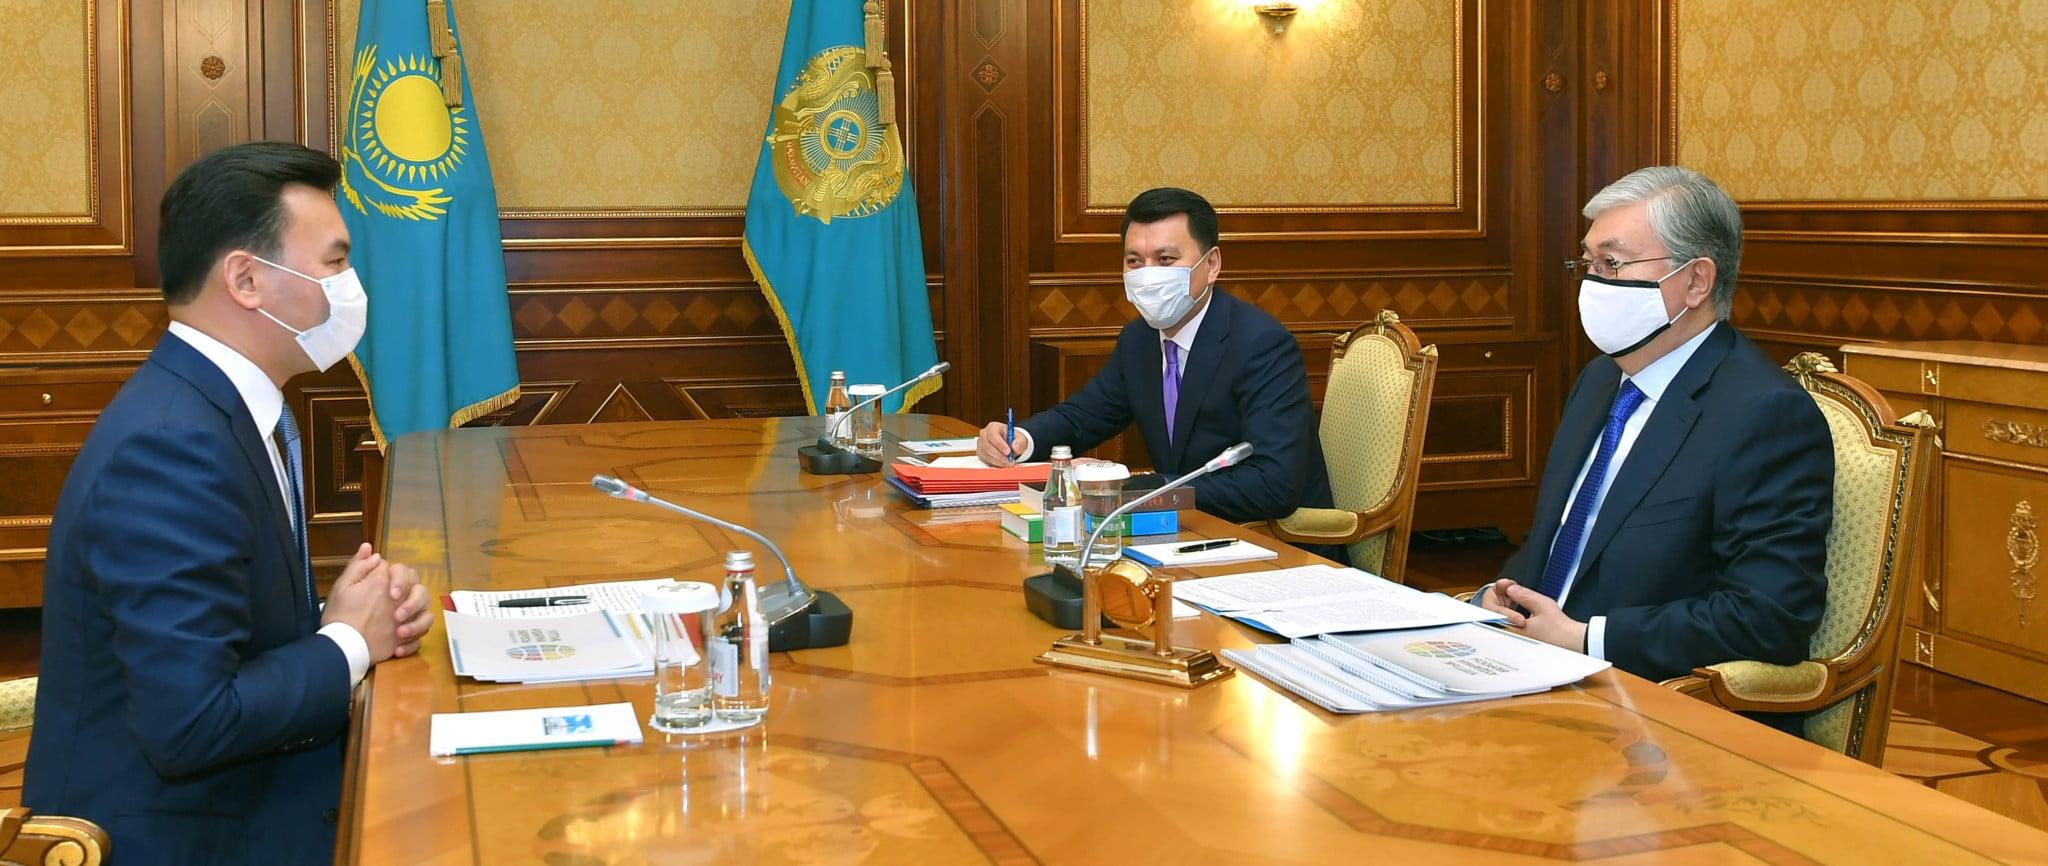 Қасым-Жомарт Тоқаев және Рауан Кенжеханұлы